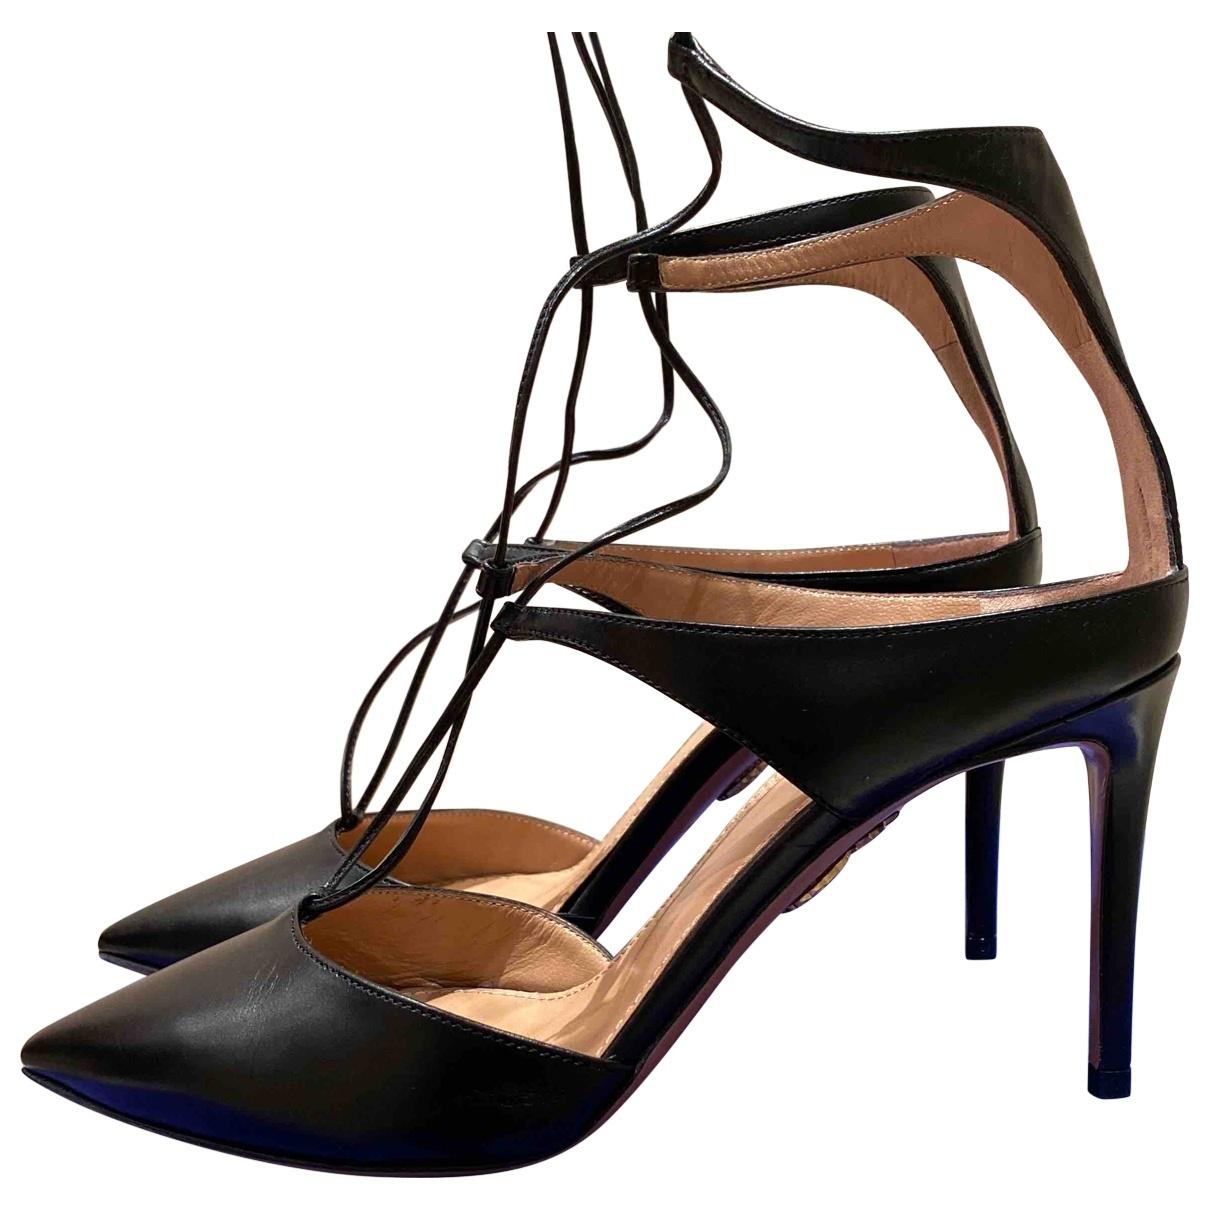 Altuzarra \N Black Leather Heels for Women 38 EU